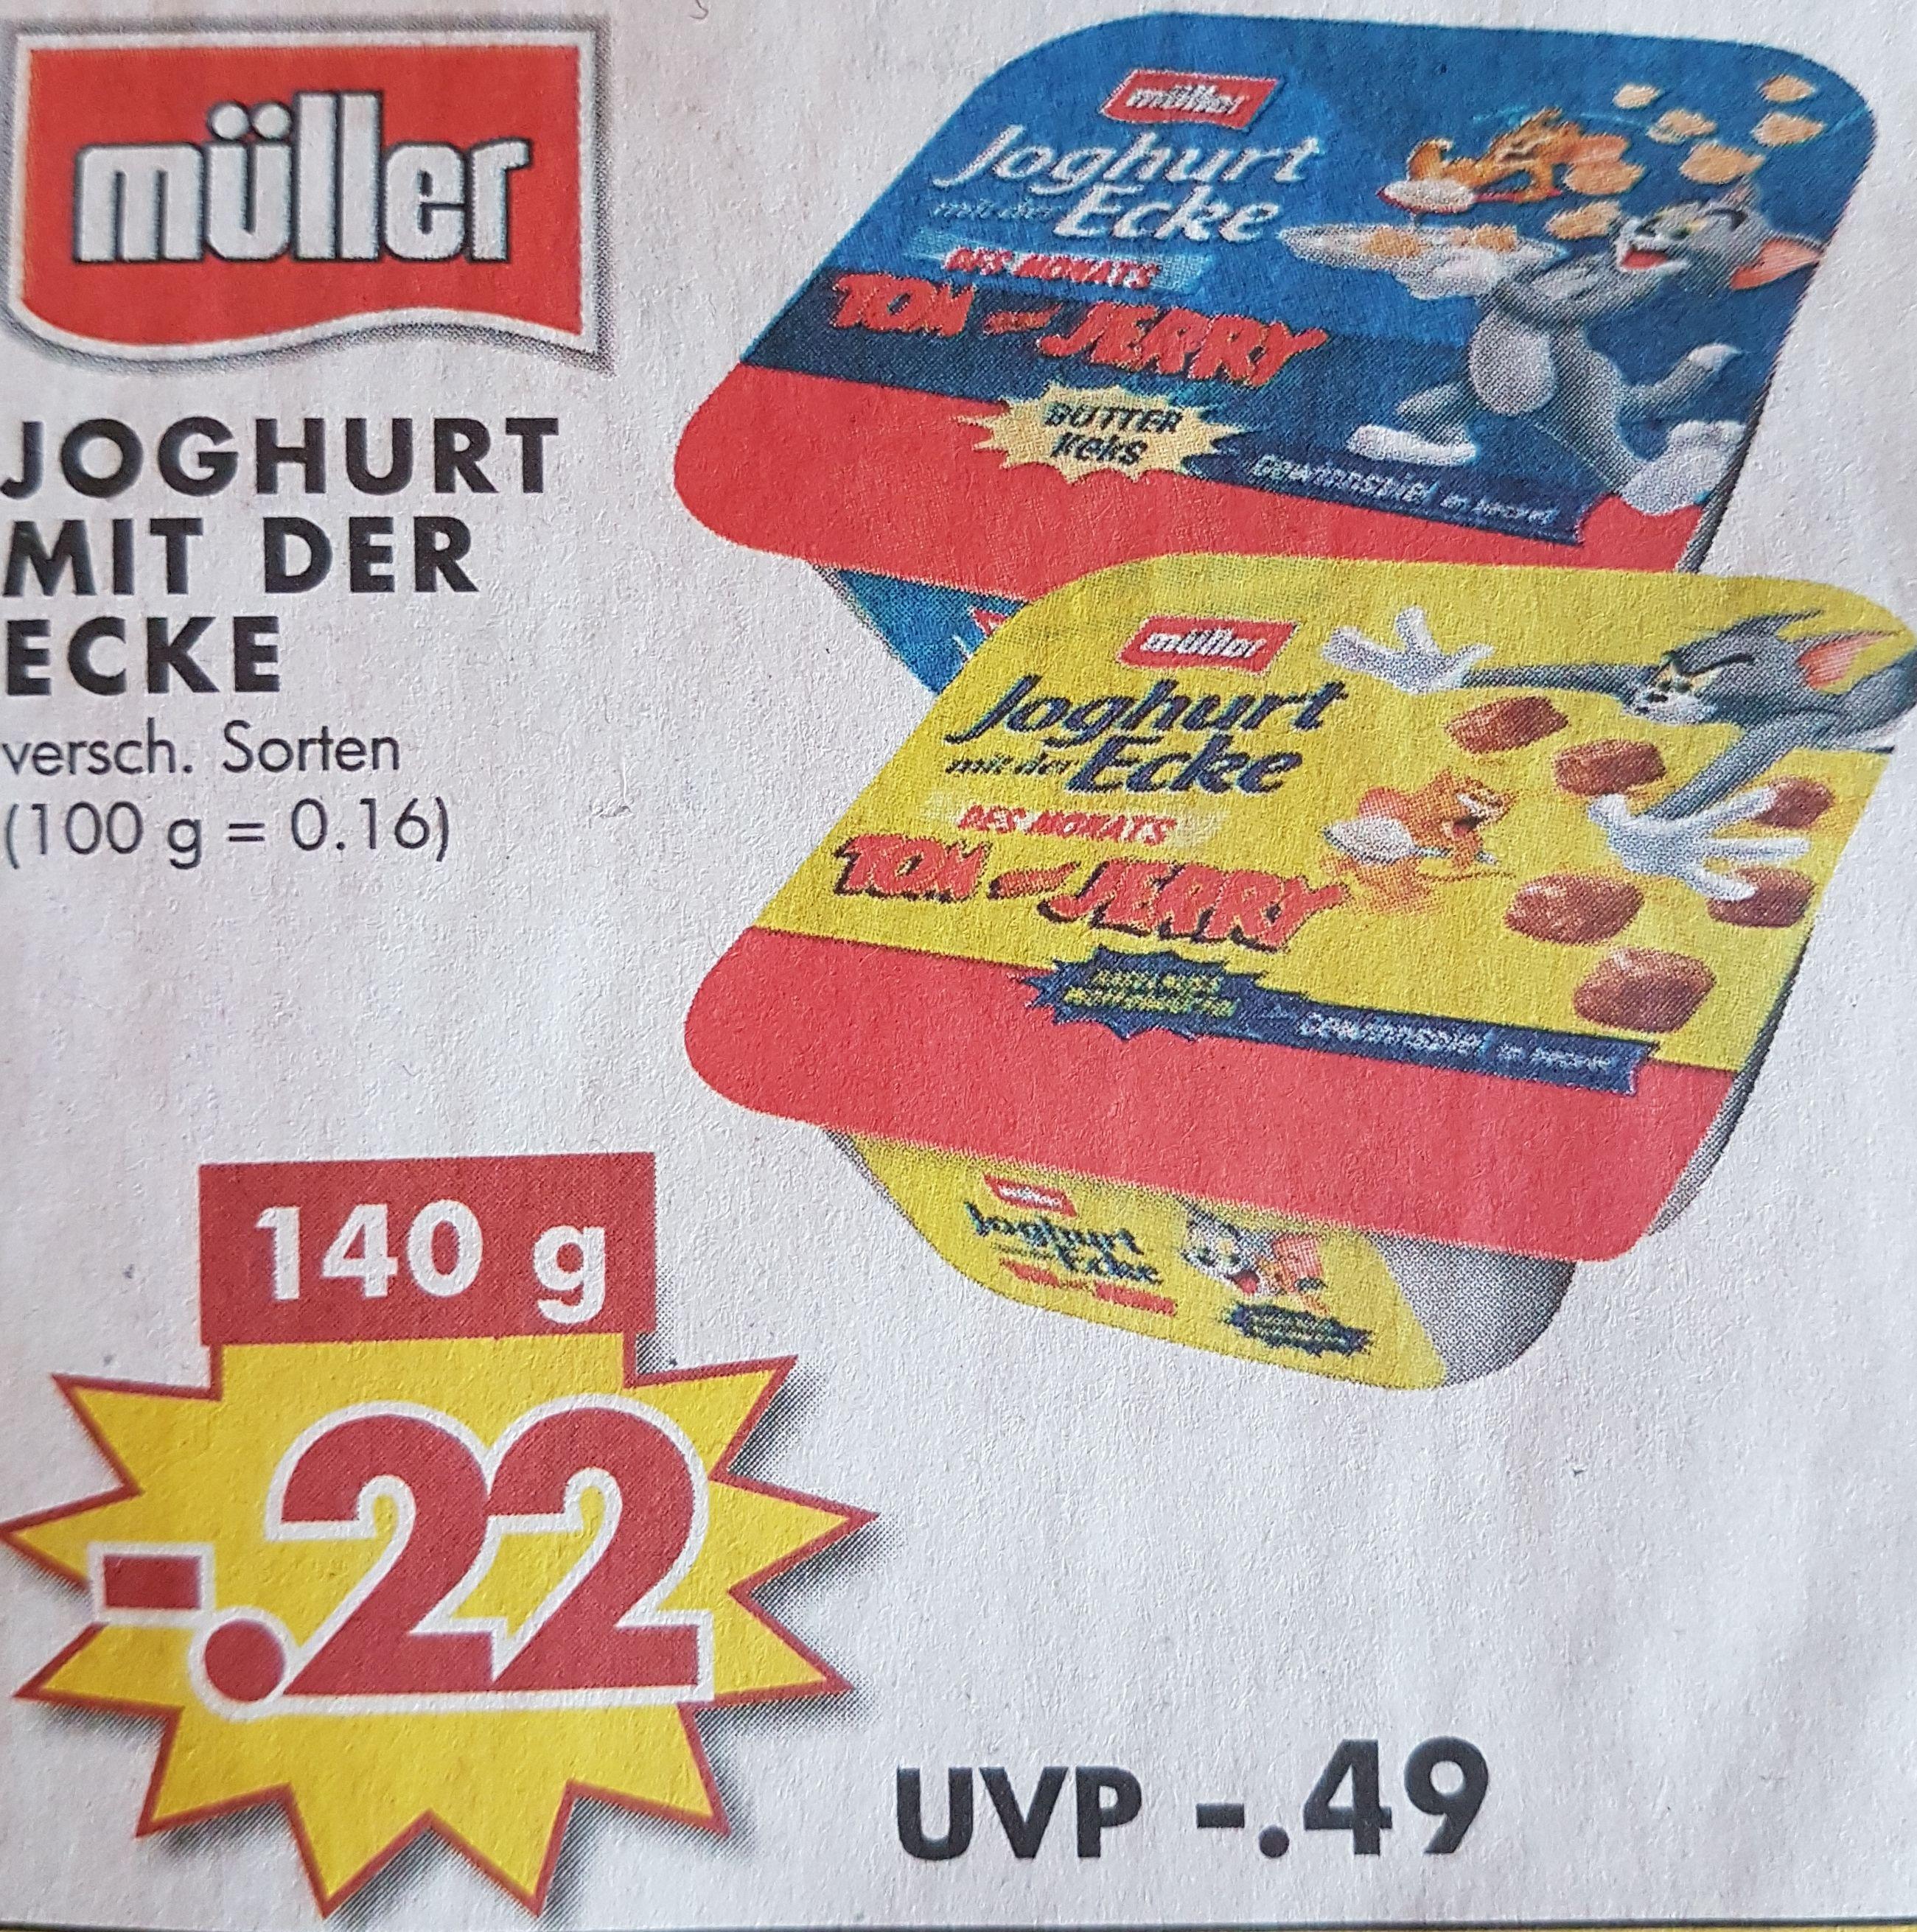 [Jawoll] Müller Joghurt mit der Ecke 140g Vers. Sorten ab 26.03.